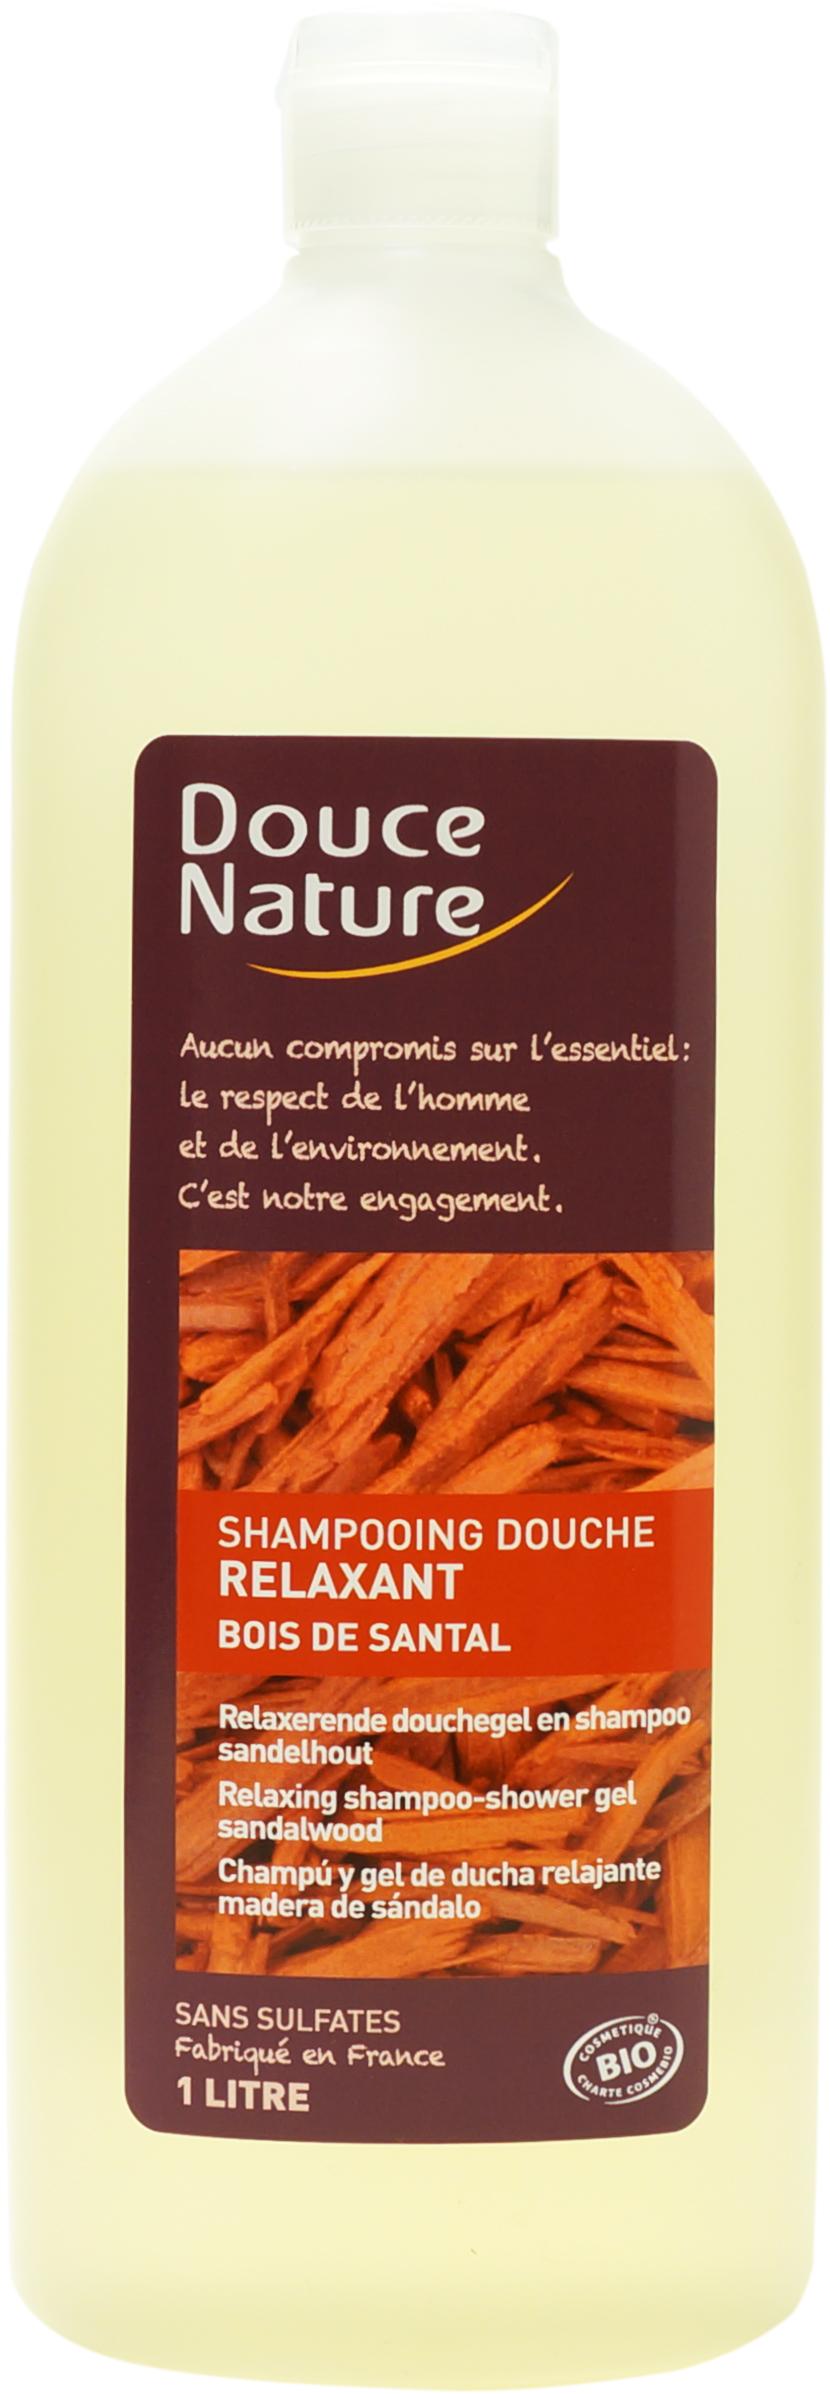 Shampooing-douche Bois de Santal relaxant, Douce Nature (1 L)